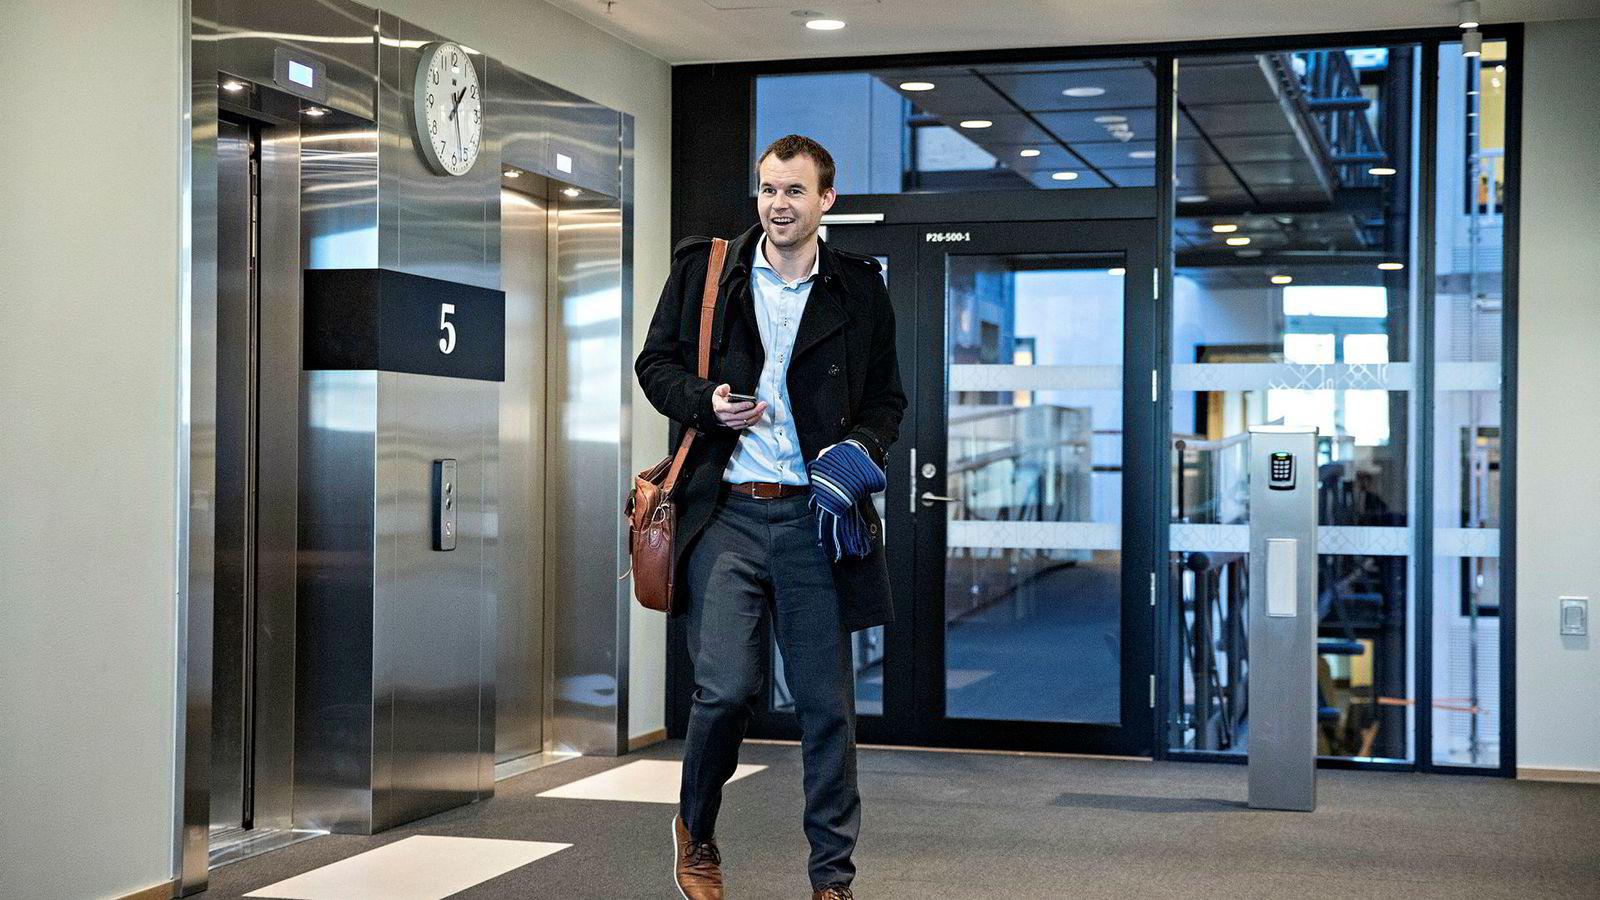 Kjell Ingolf Ropstad var kjapt innom Stortinget dagen etter at KrF sa ja til regjeringsplattformen han har vært med på å forhandle frem. Snart får han nytt kontor i regjeringen.